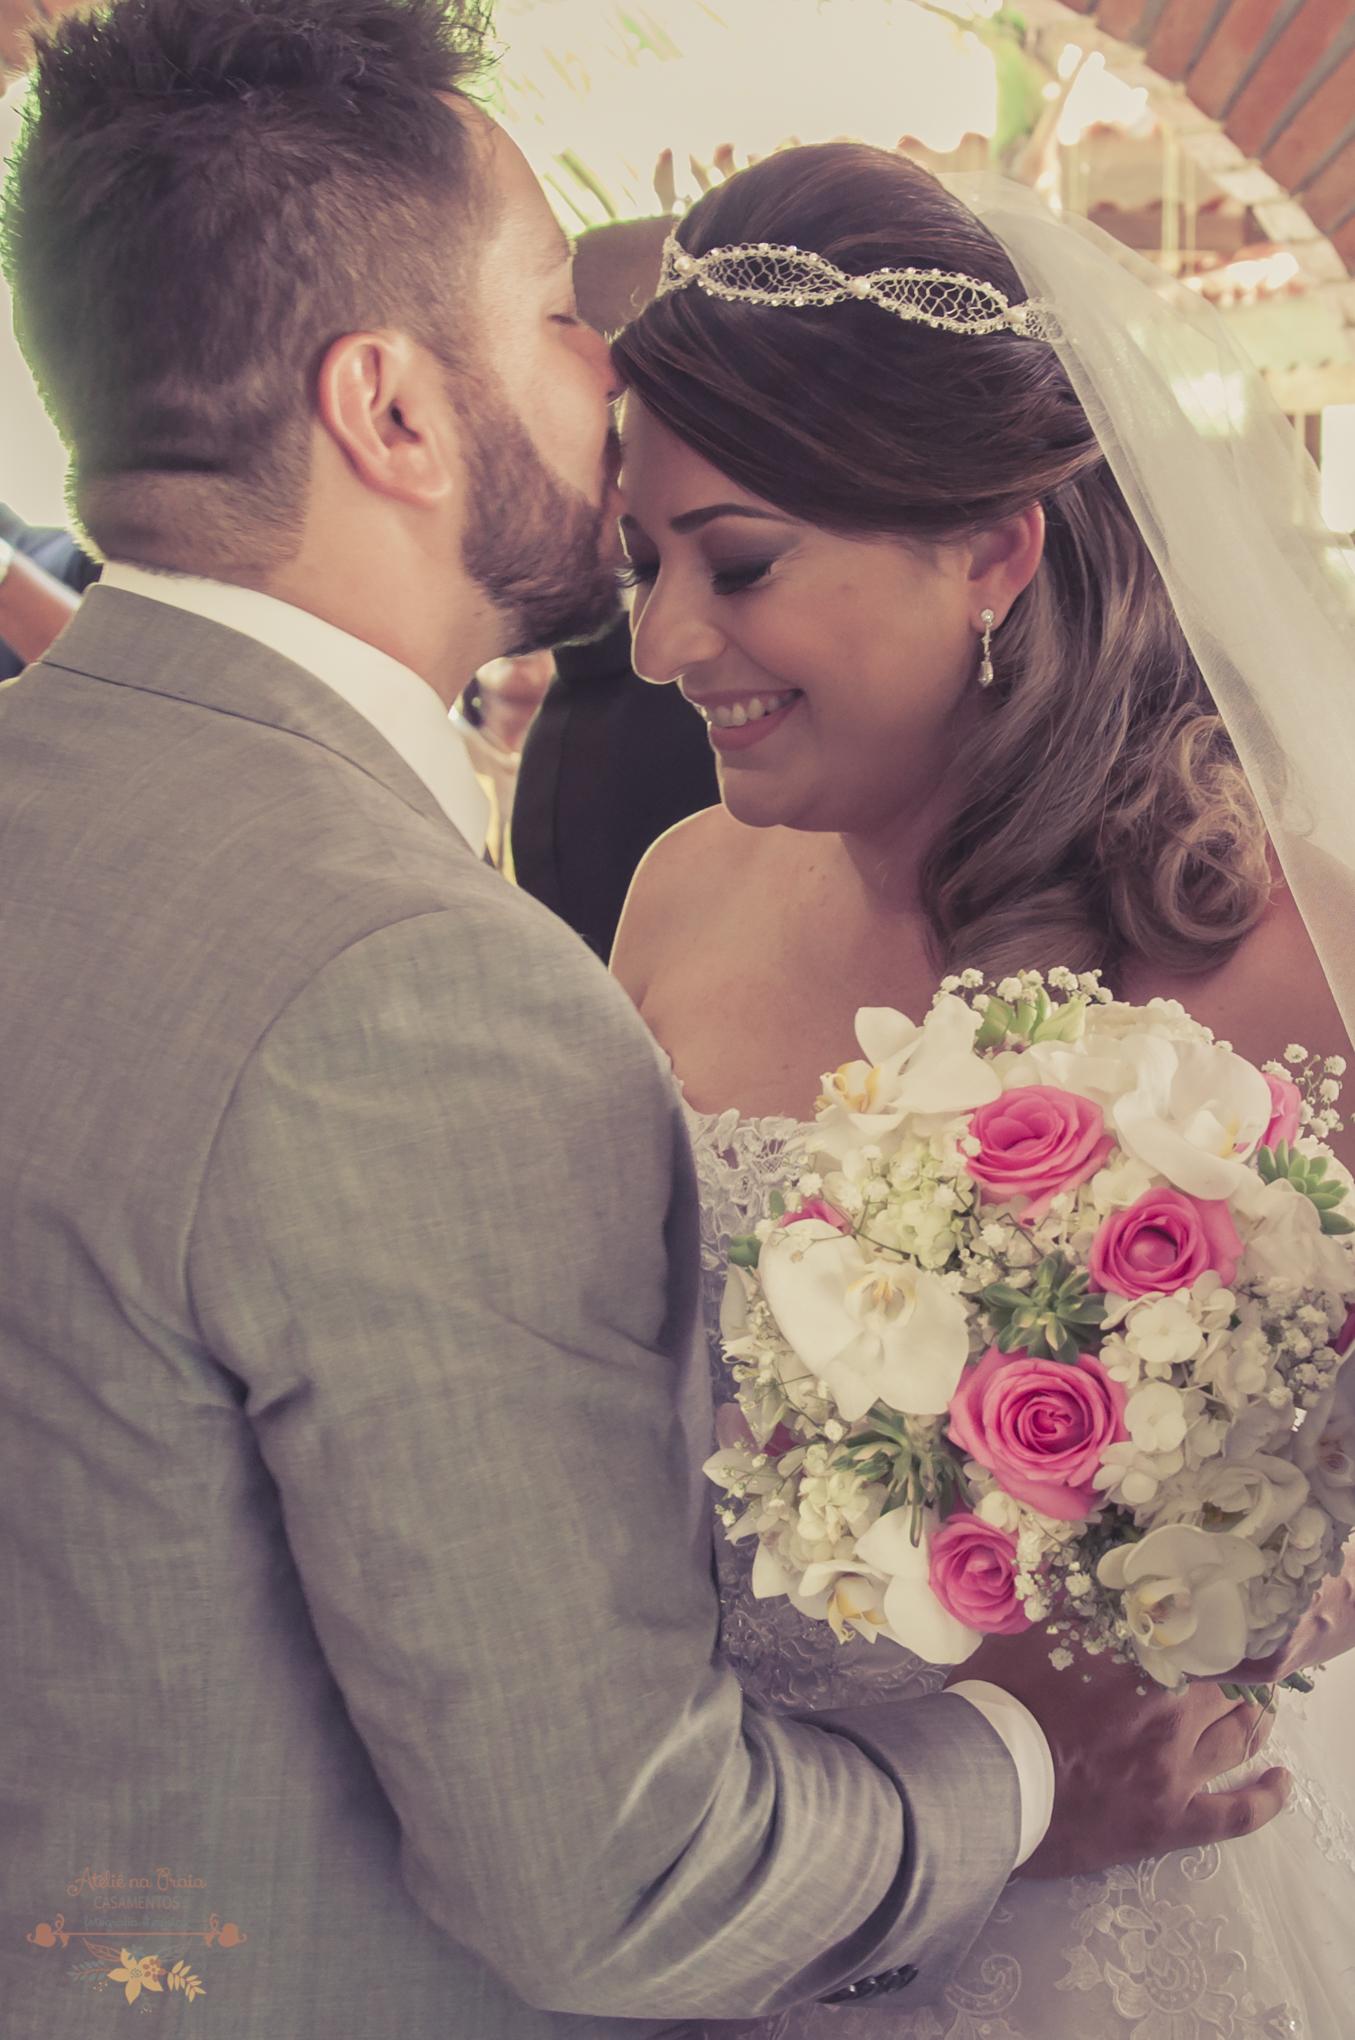 04-Atelie-na-Praia-Casamento-Yasmine-Anderson-9768